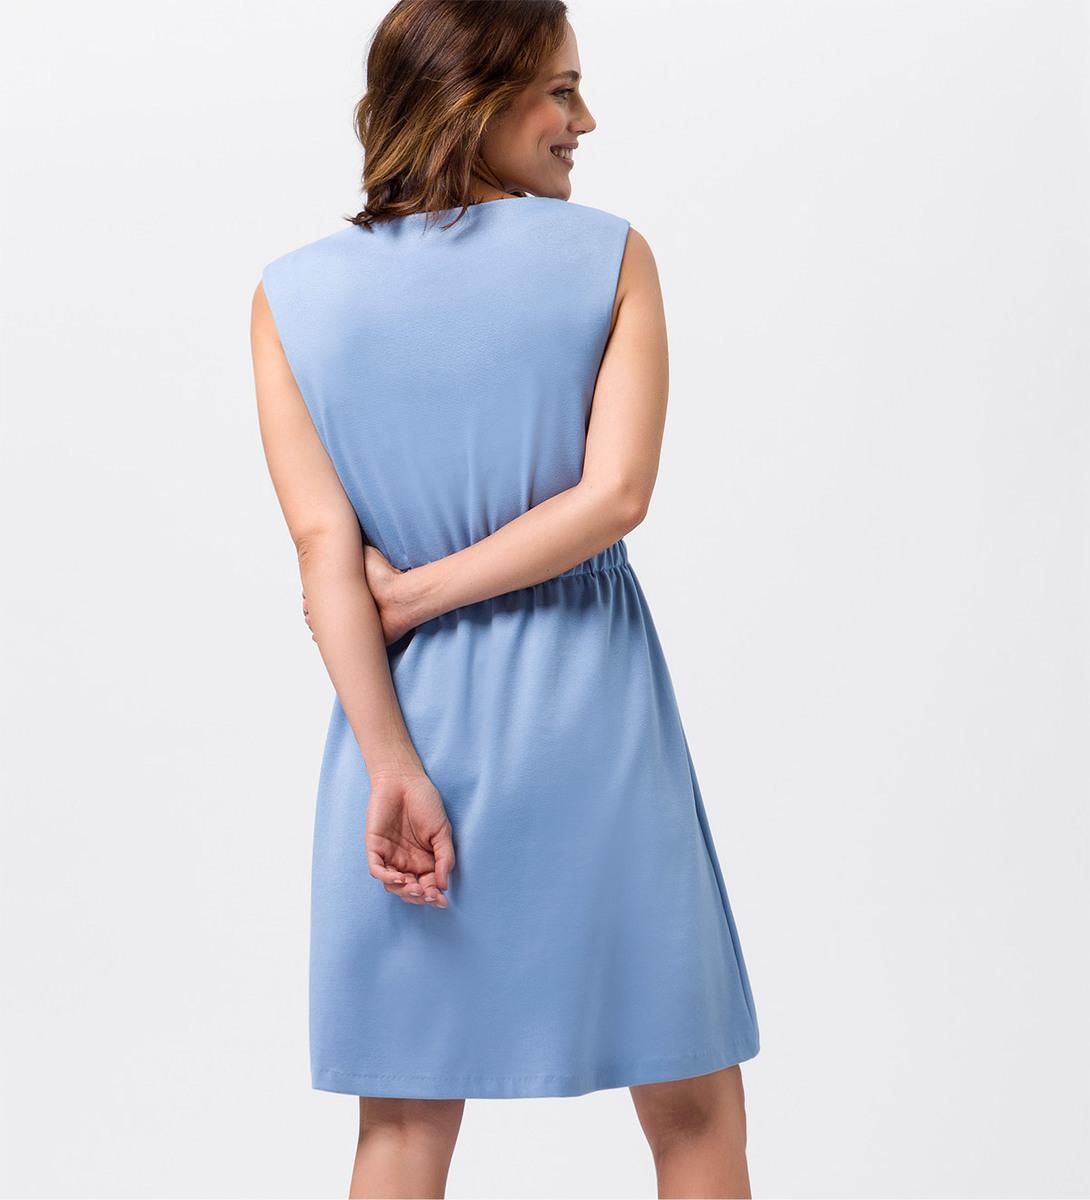 Kleid mit Taillenbund in azur blue